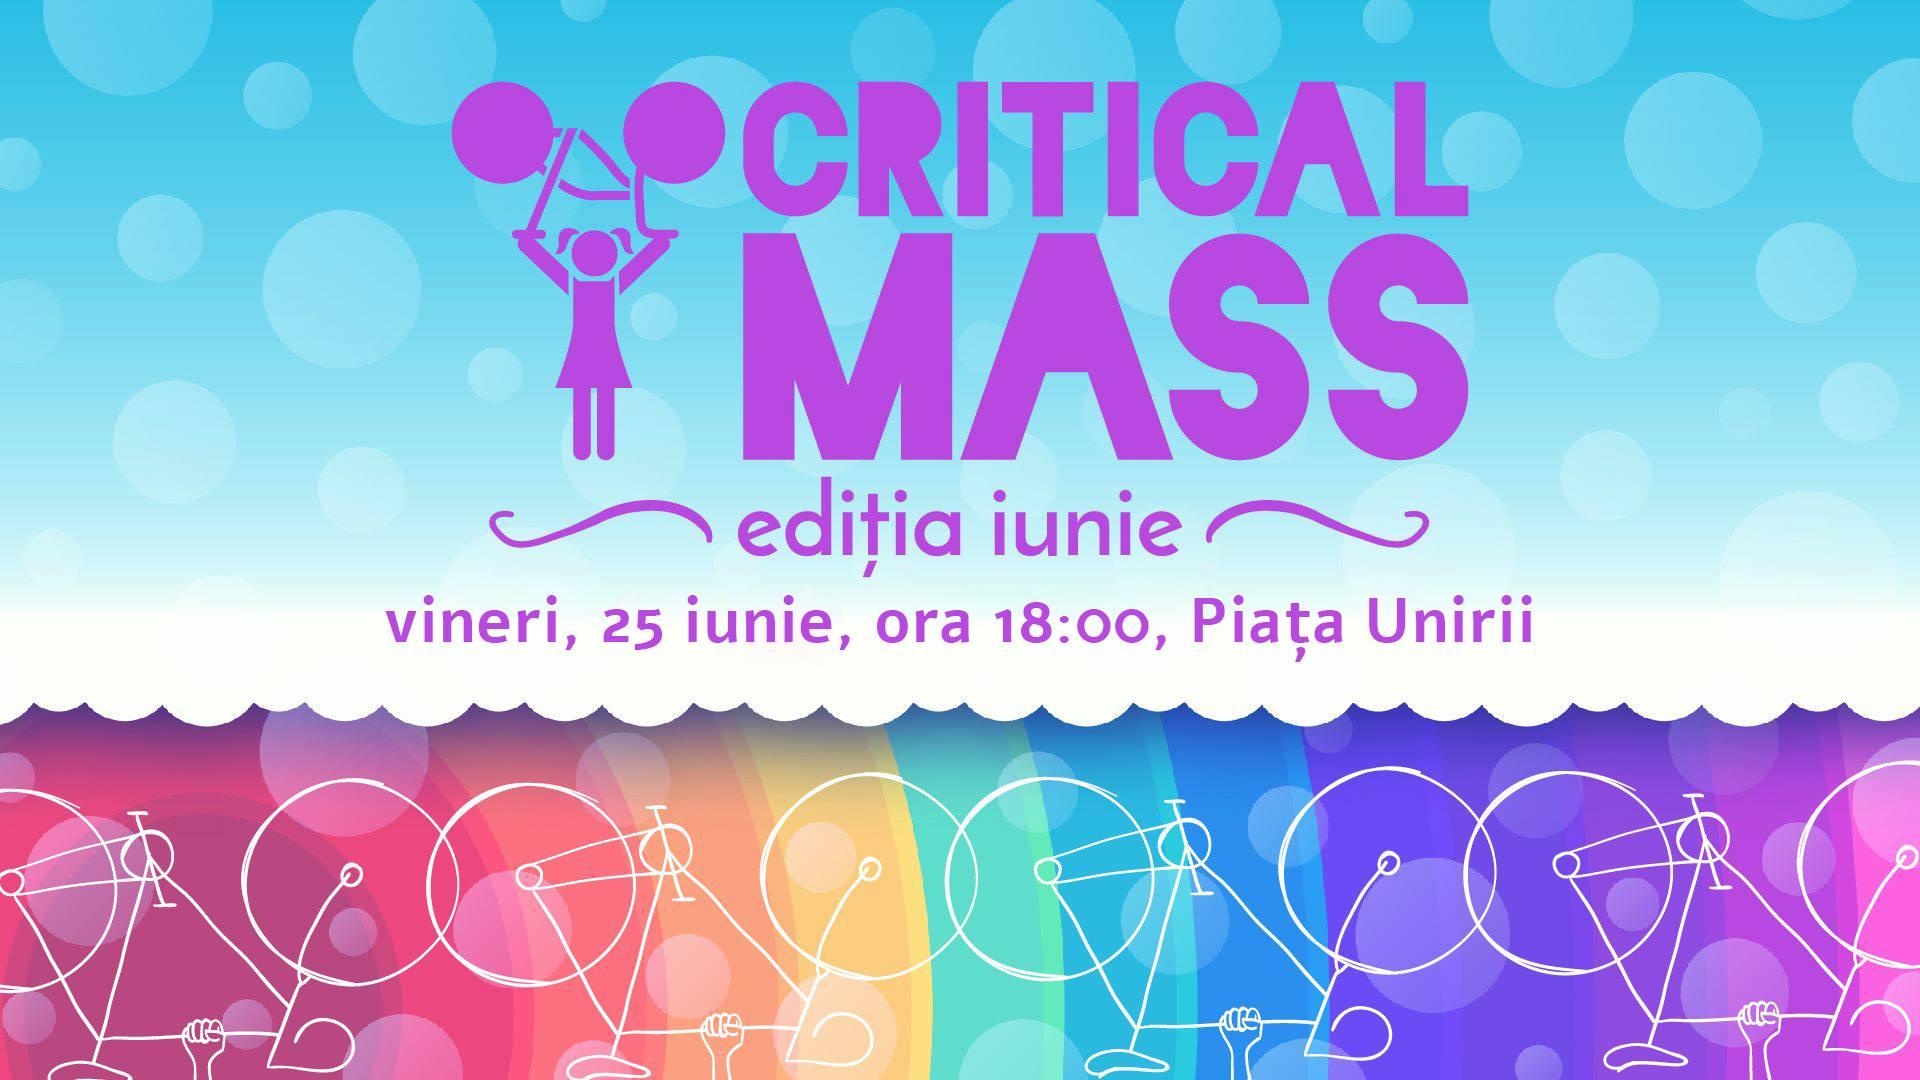 Critical Mass de iunie